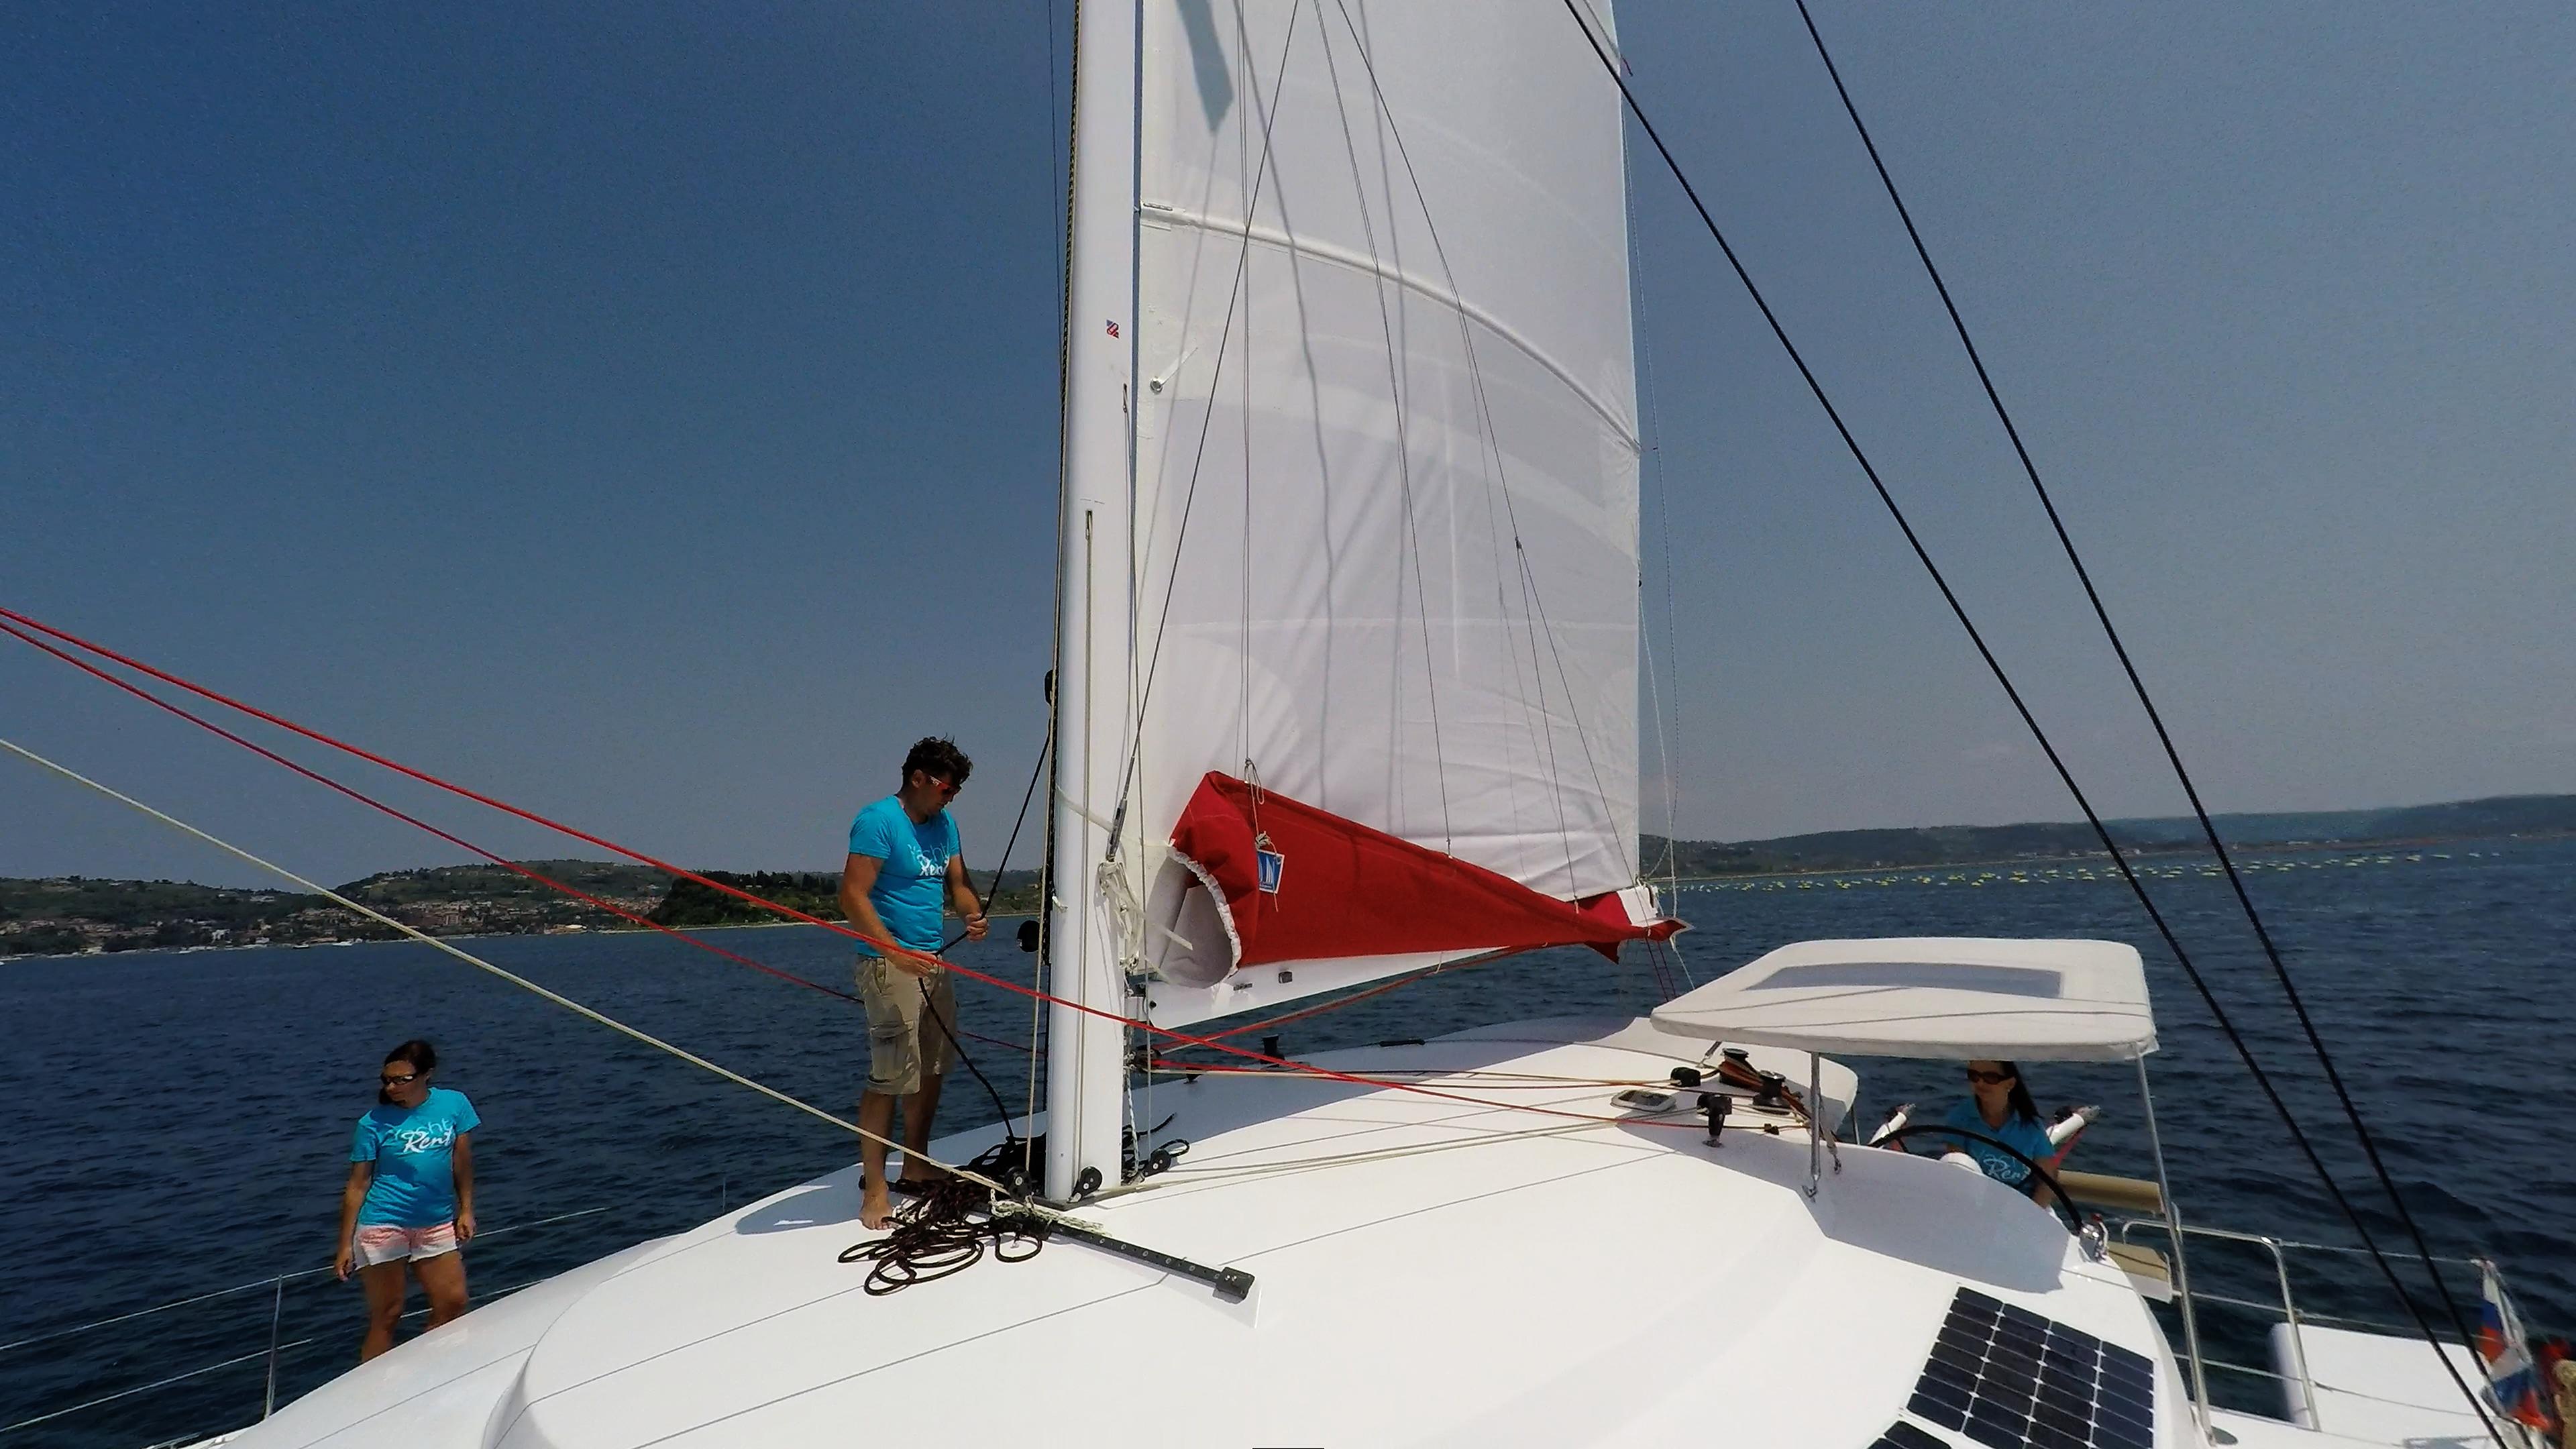 equipaggio sul coperta di multiscafo barca a vela